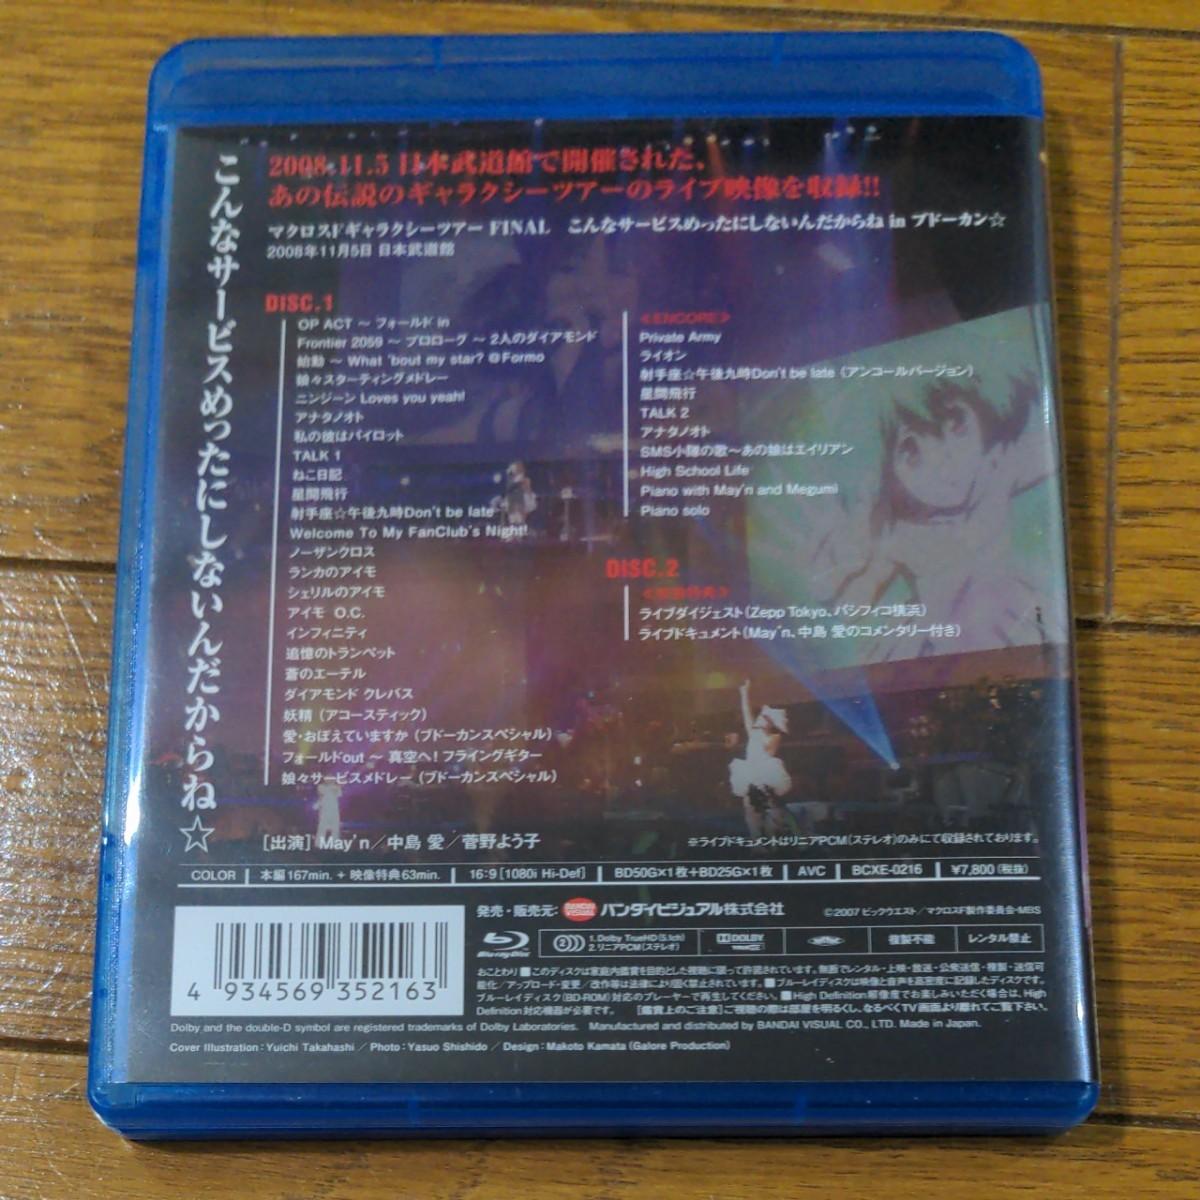 Blu-ray ギャラクシー ツアー  ブルーレイ マクロスフロンティア Final